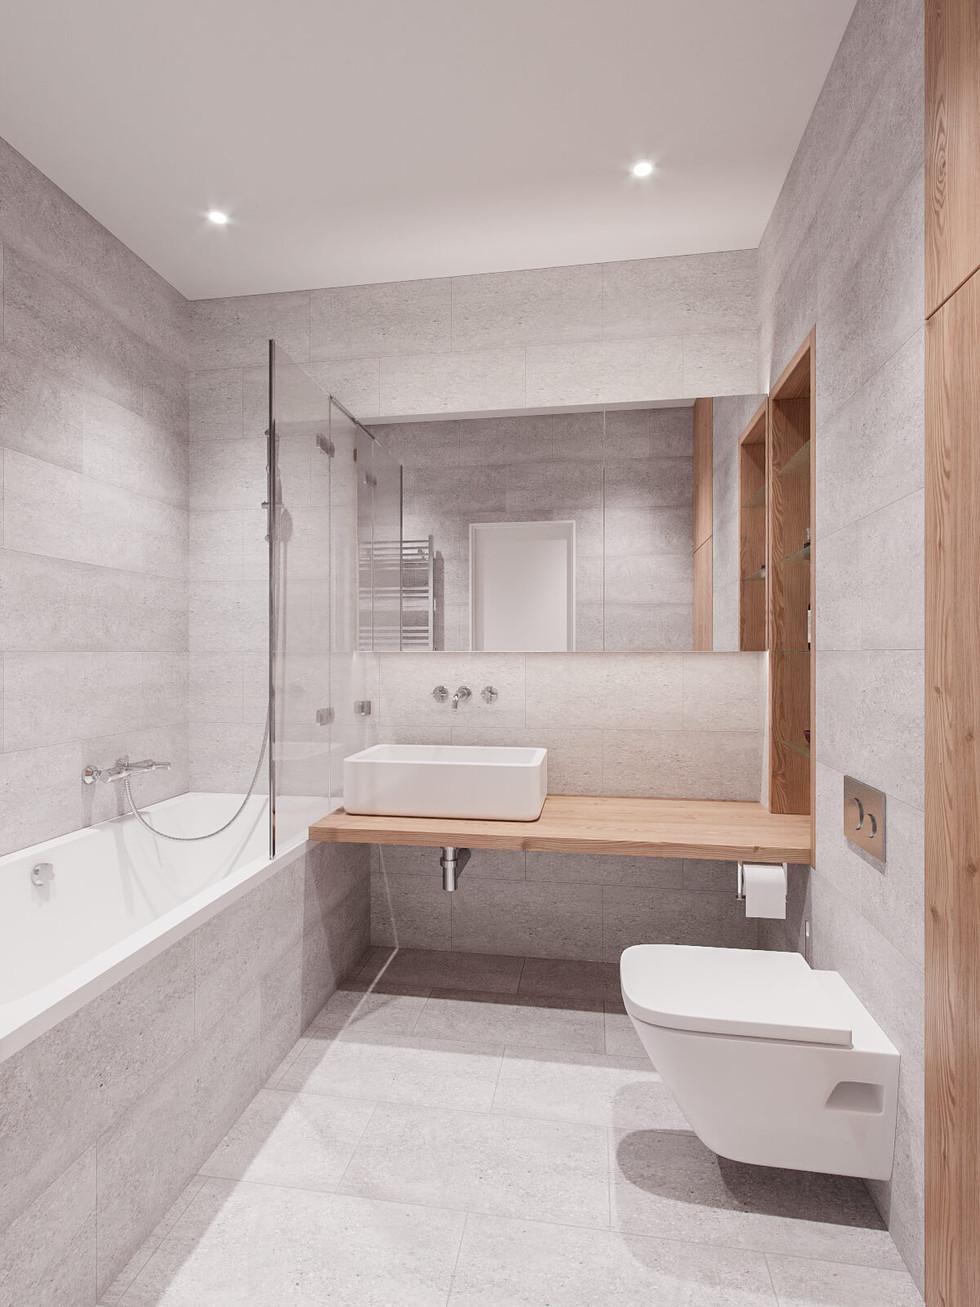 Вана кімната сірого кольору з елементами дерева.jpg